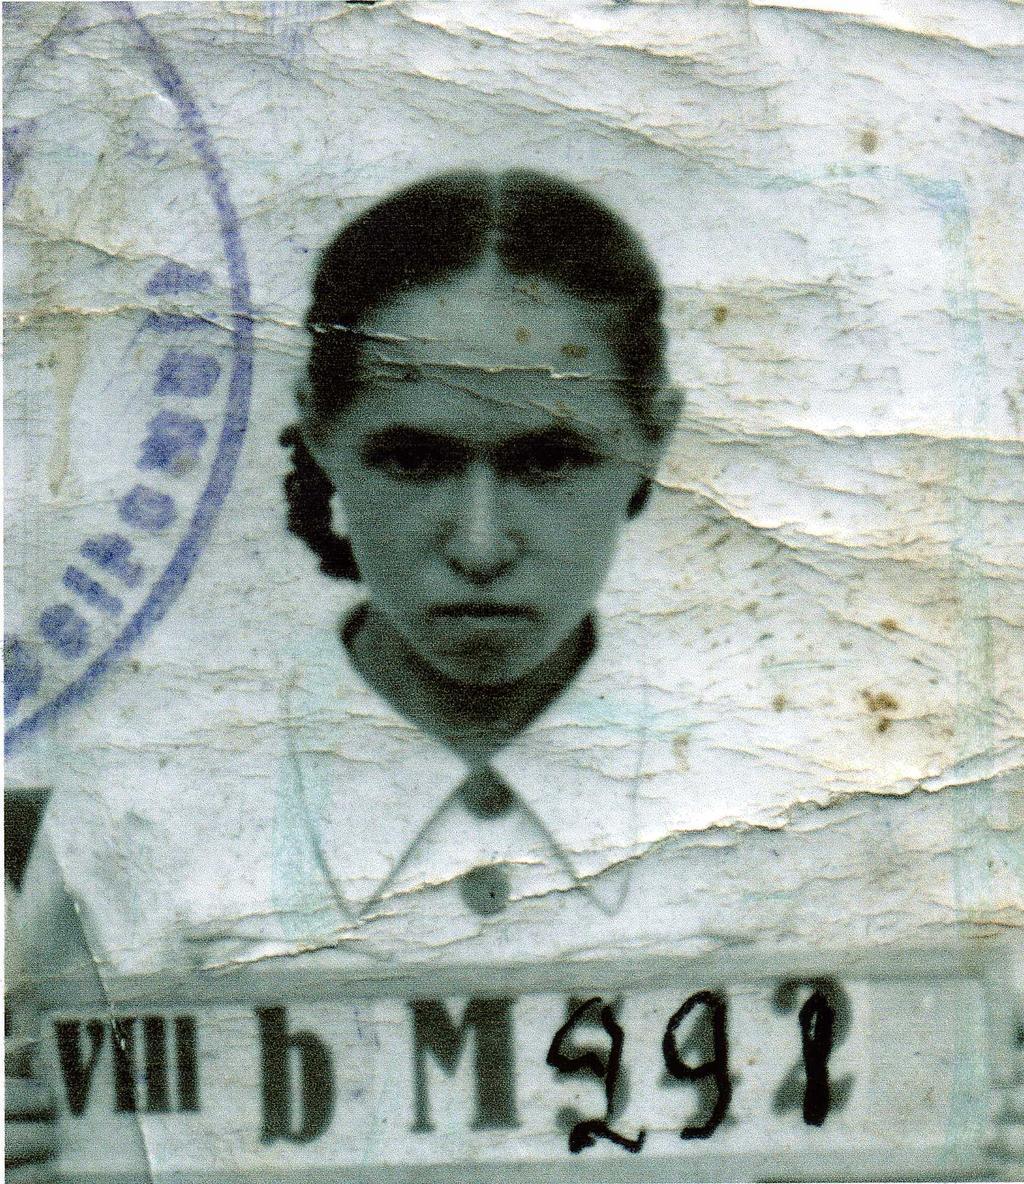 Фото №89856. Фото. Серебрякова М. А. Концлагерь г. Волковыска. 1943